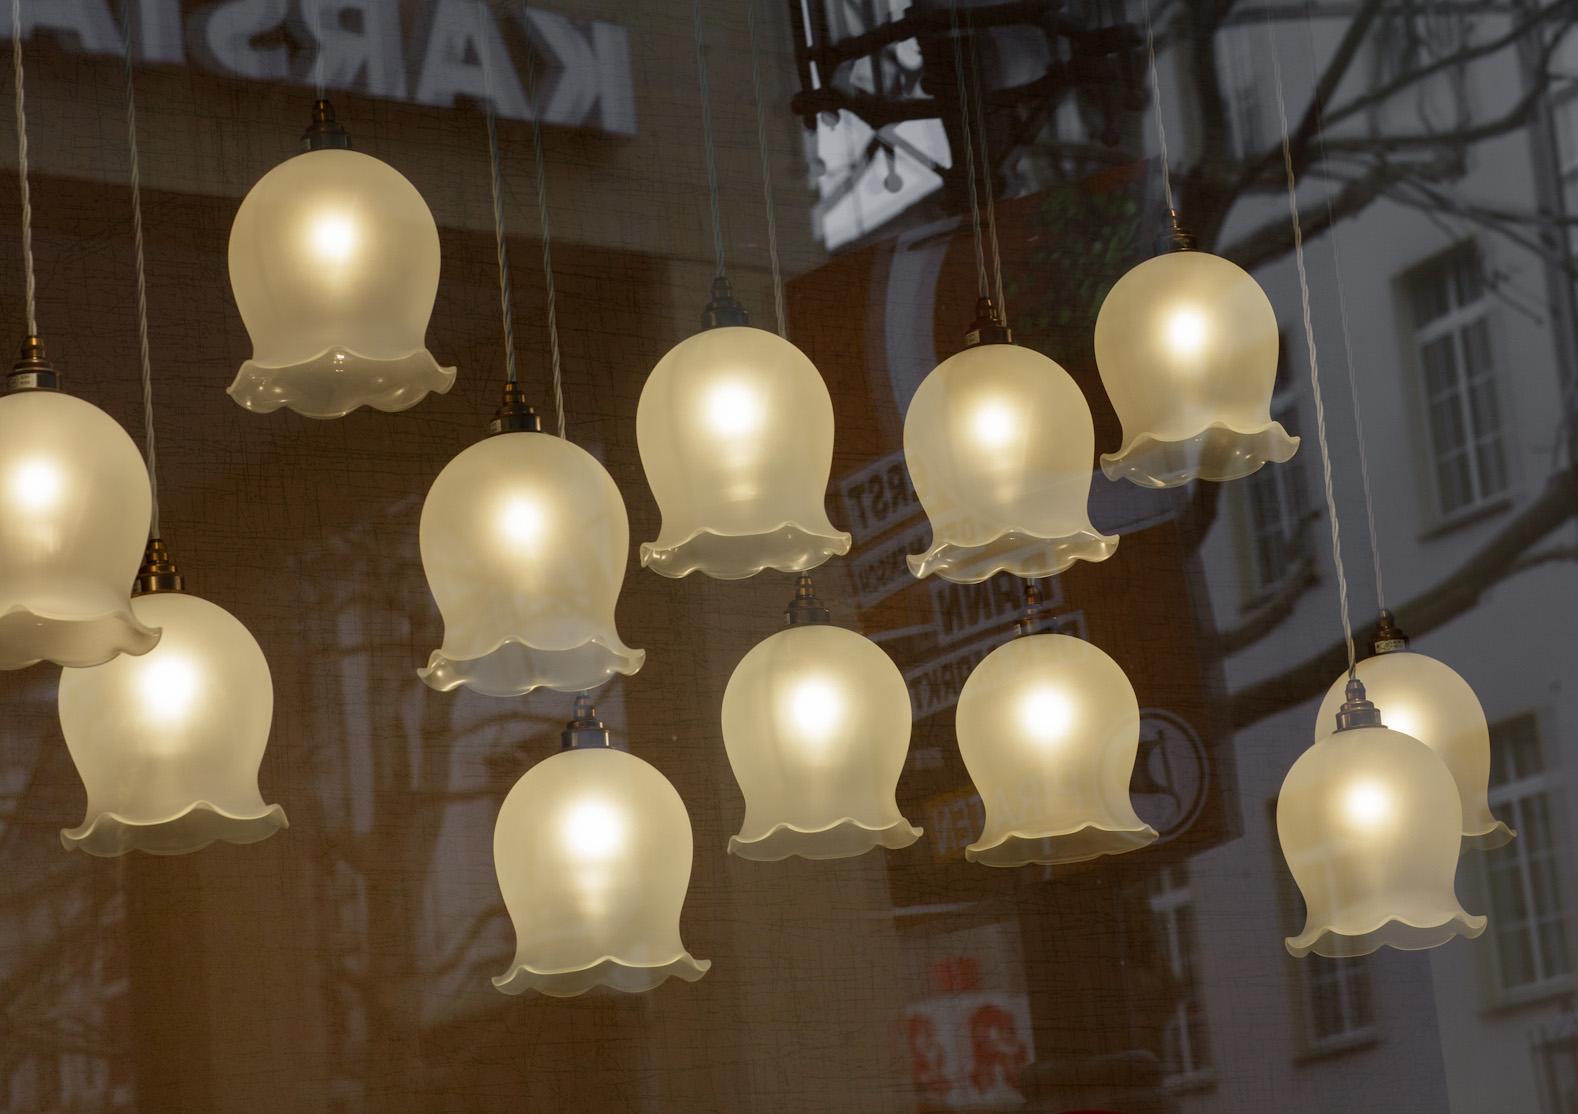 silk-lanterns-curiousa-and-curiousa09